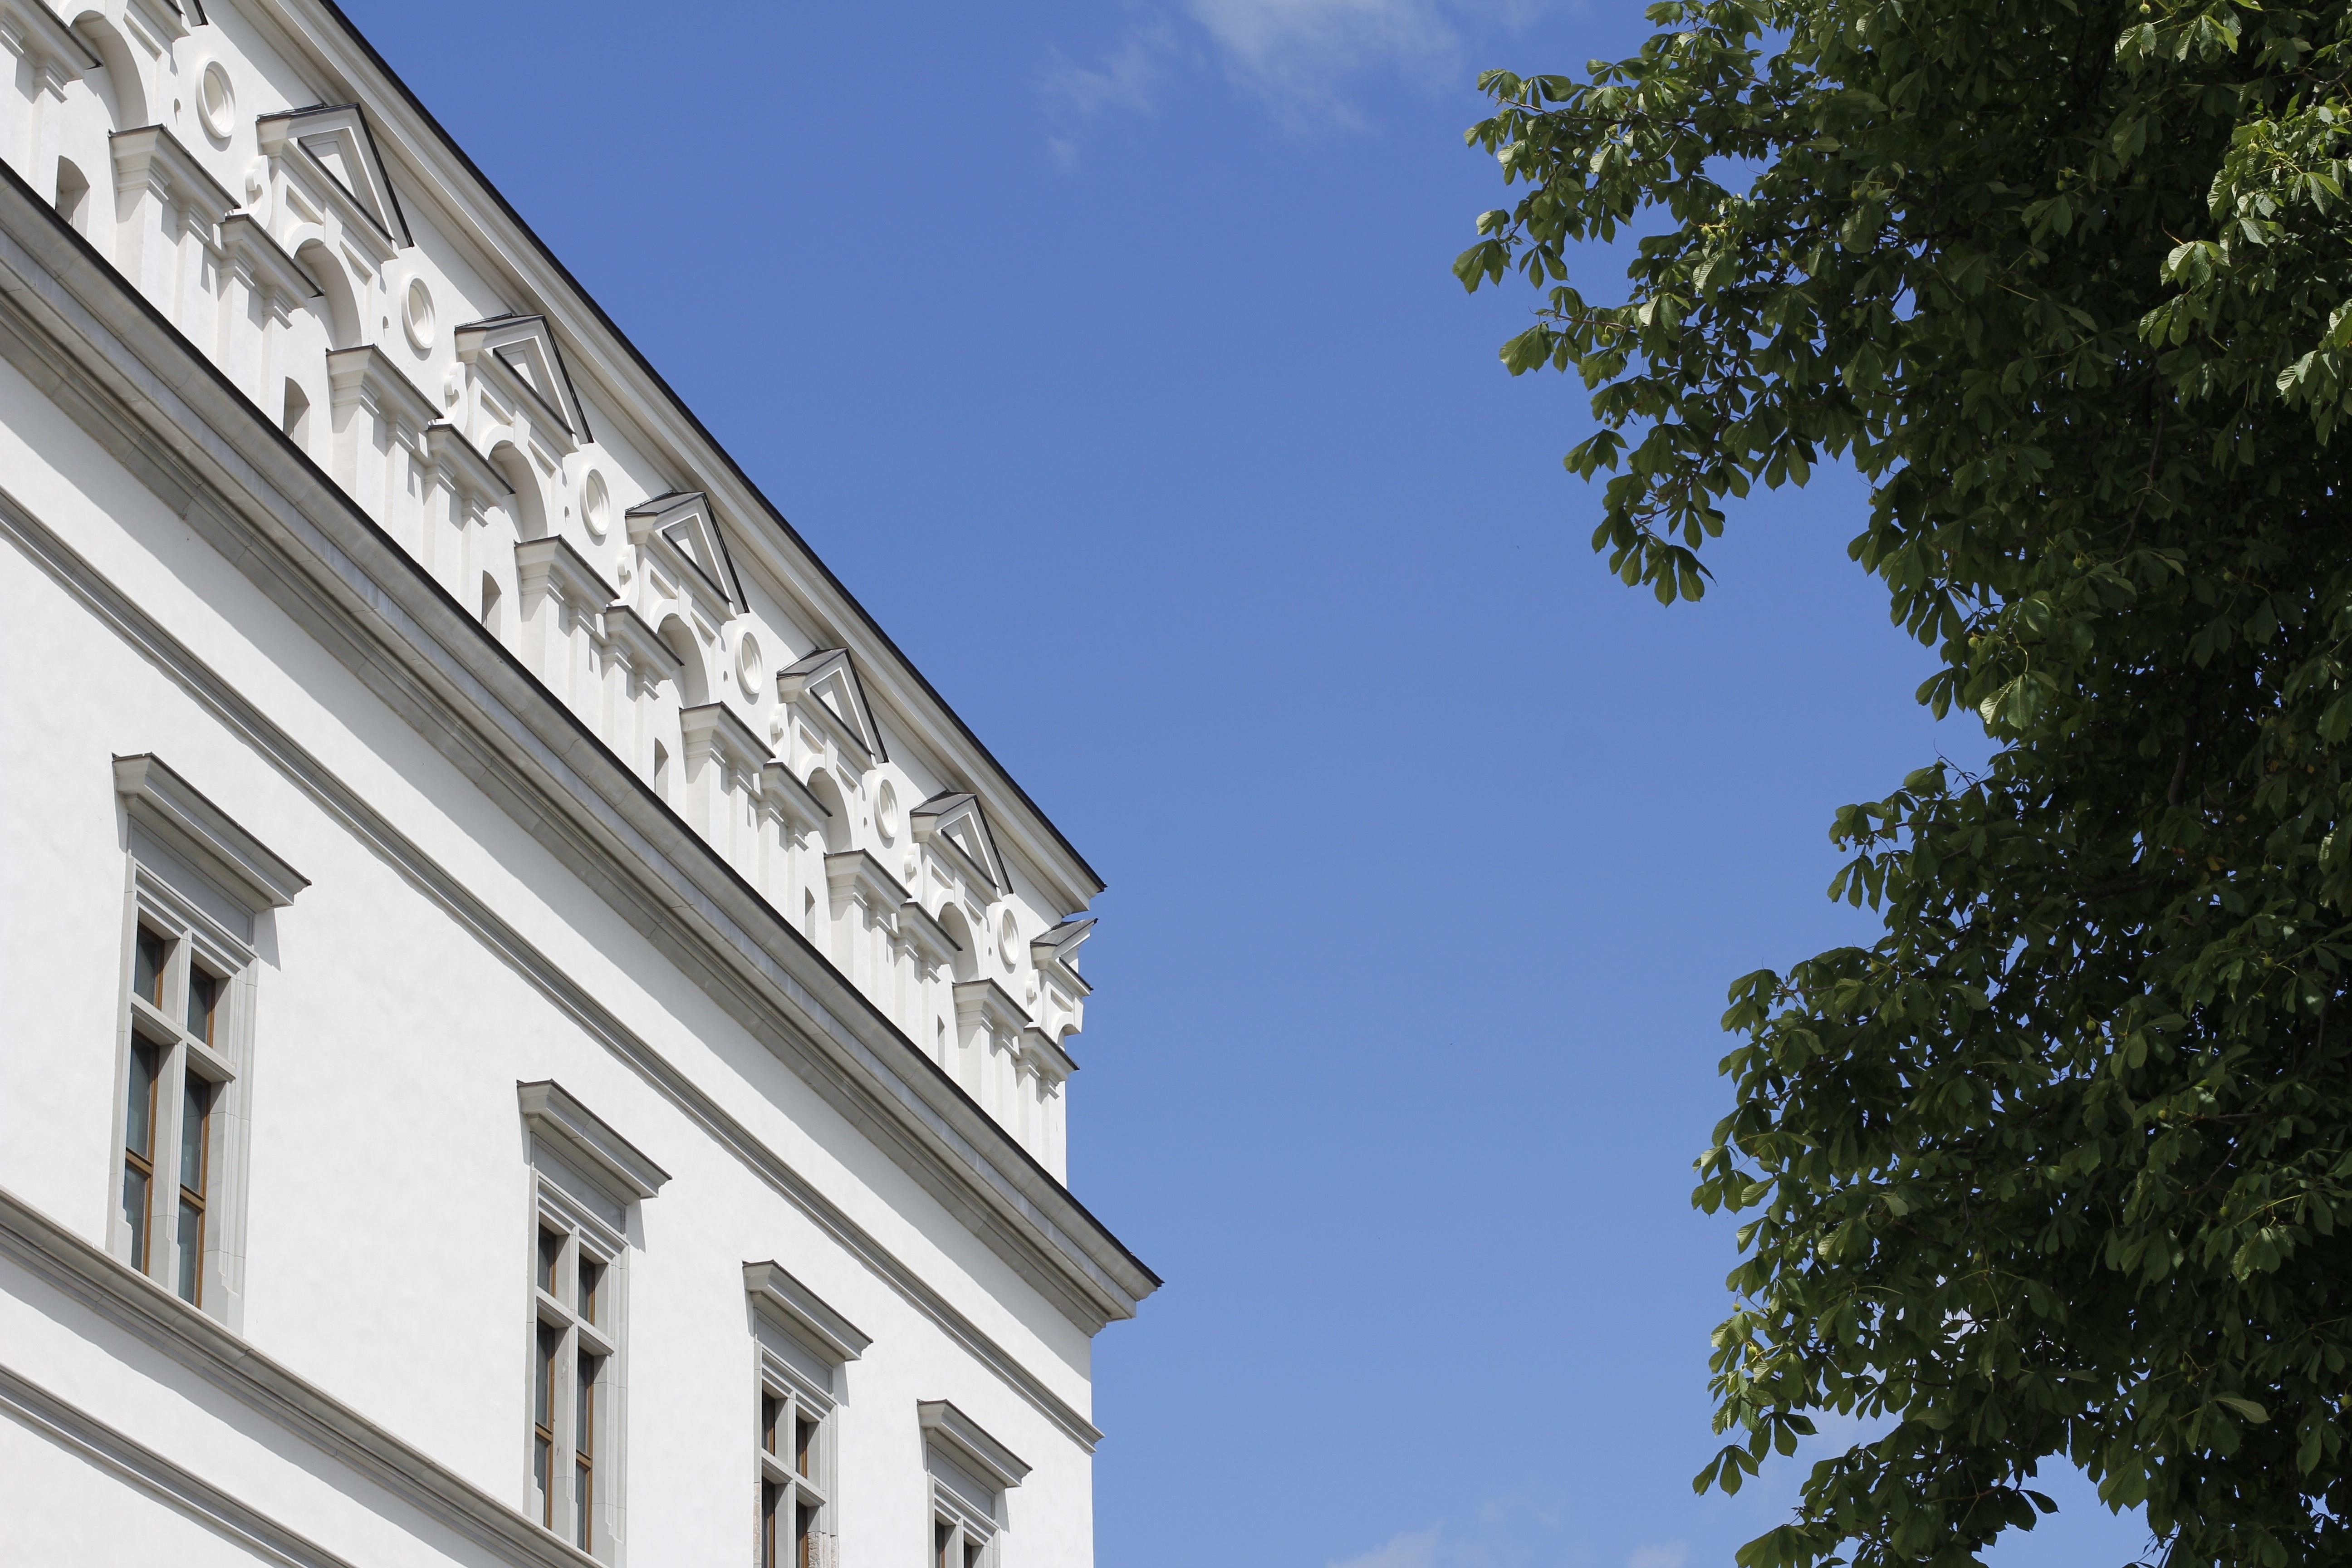 Immobilien Litauen kostenlose foto die architektur haus fenster gebäude